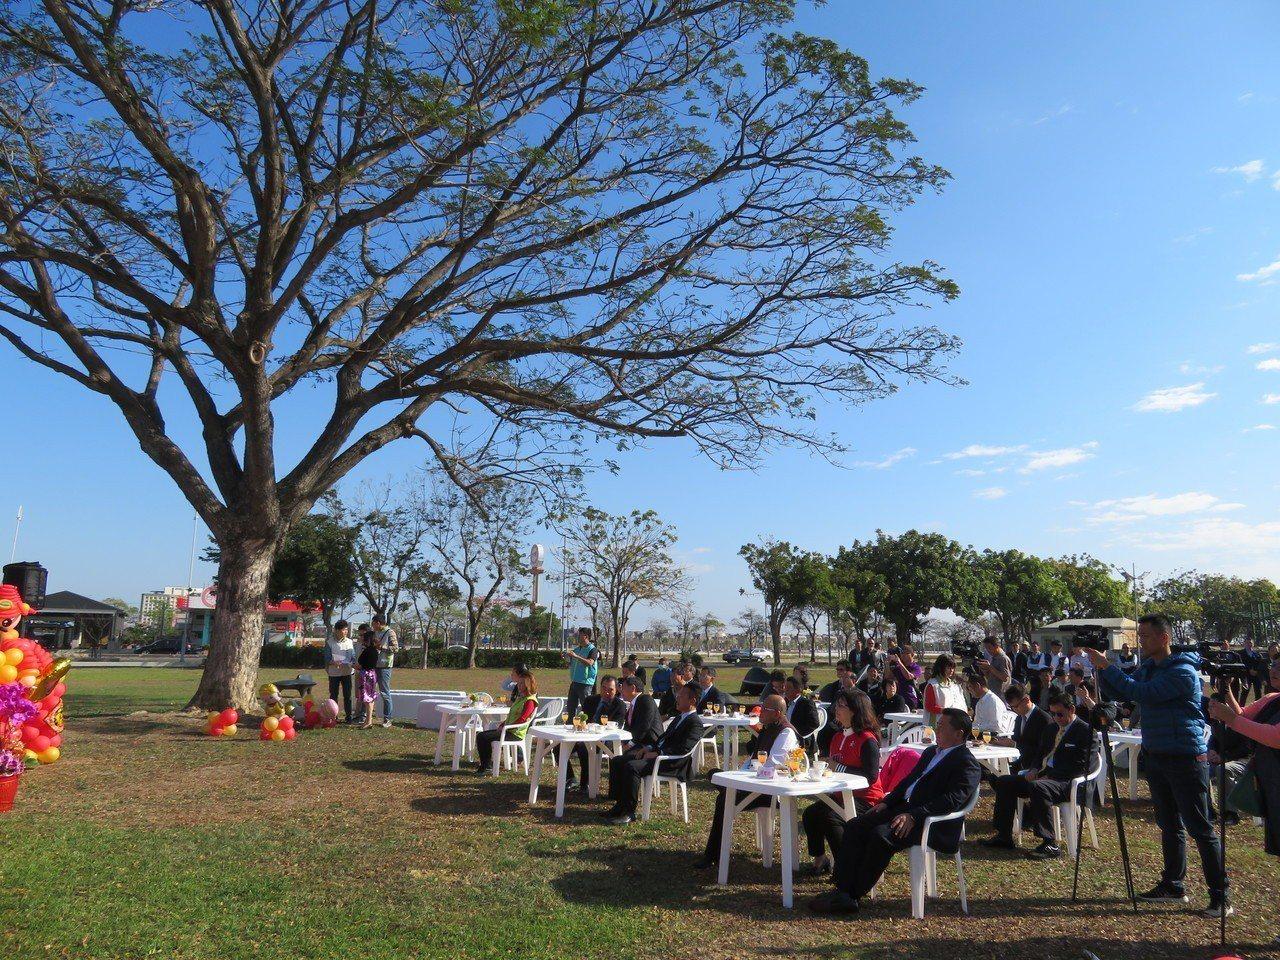 嘉義縣政府上午在縣府前草地民主廣場舉行新春團拜。記者魯永明/攝影